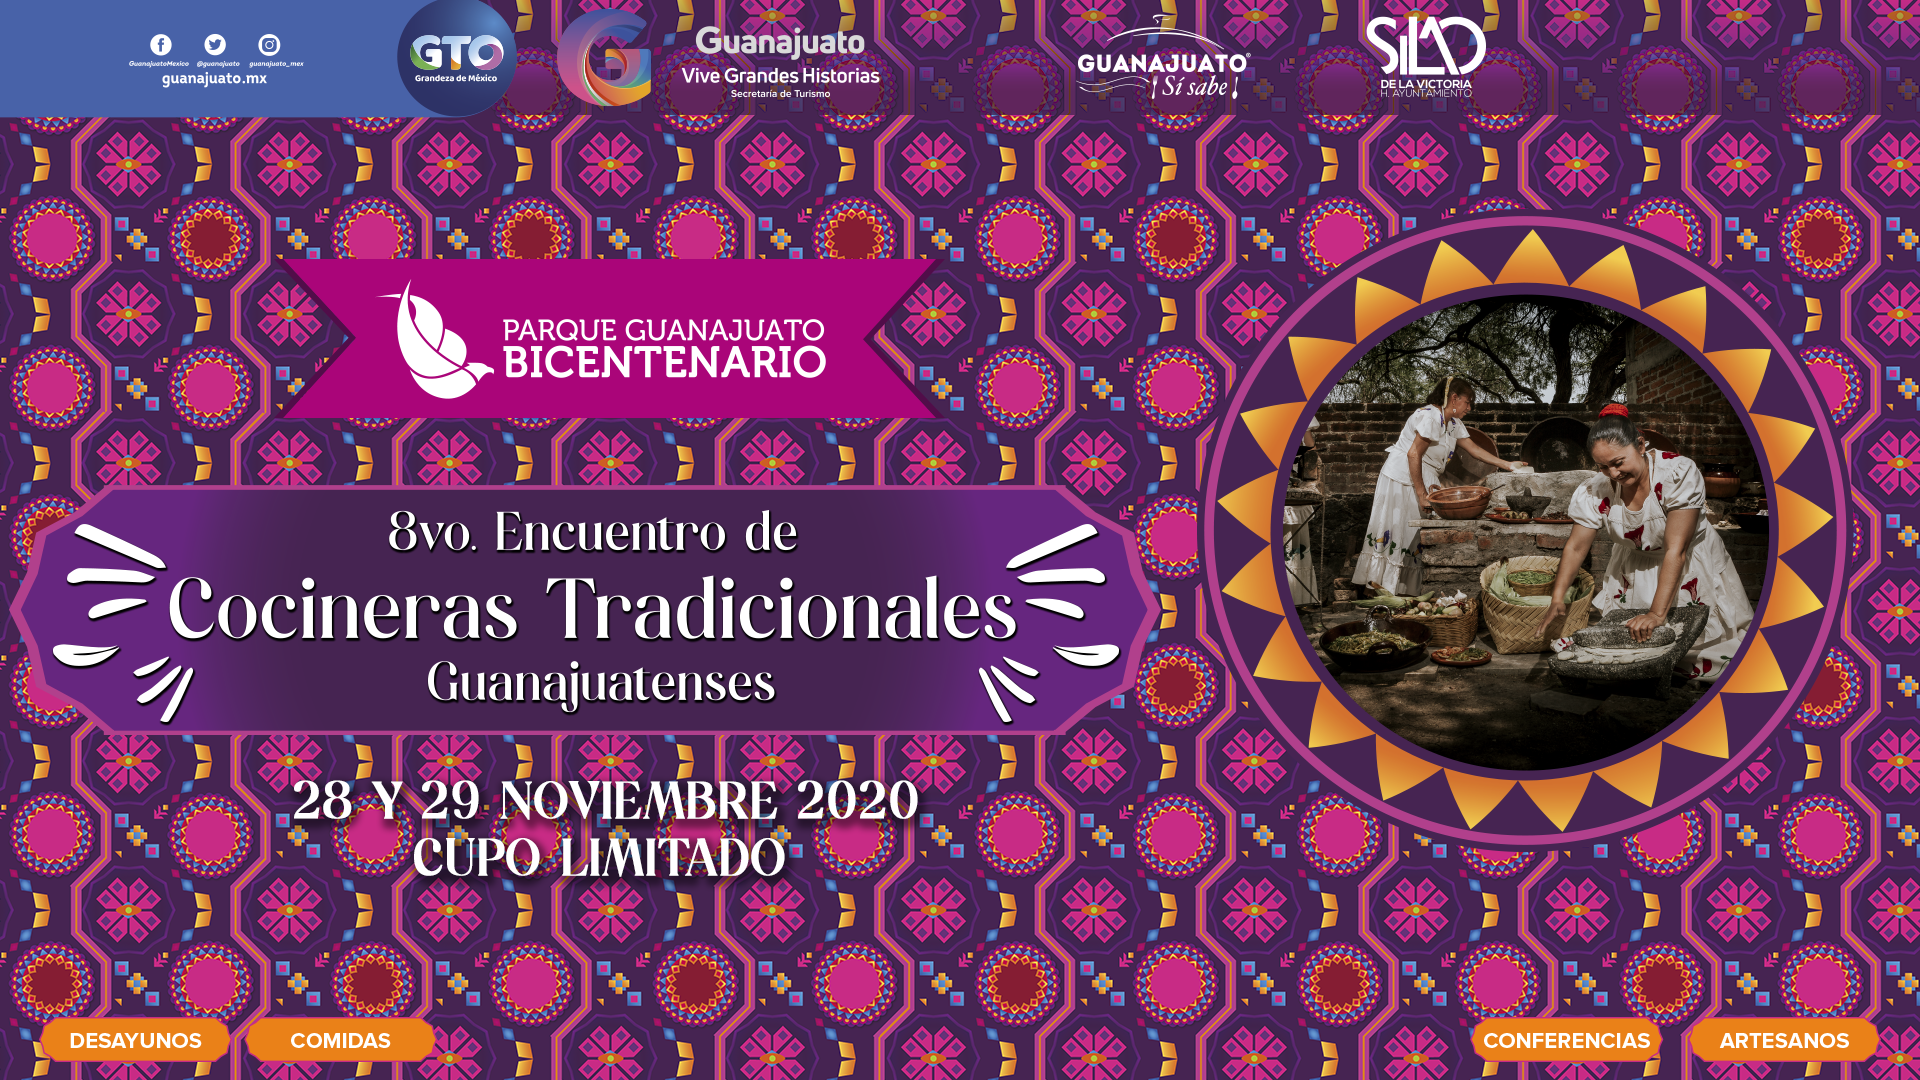 """Invitan al """"8° Encuentro de Cocineras Tradicionales Guanajuatenses en PGB"""